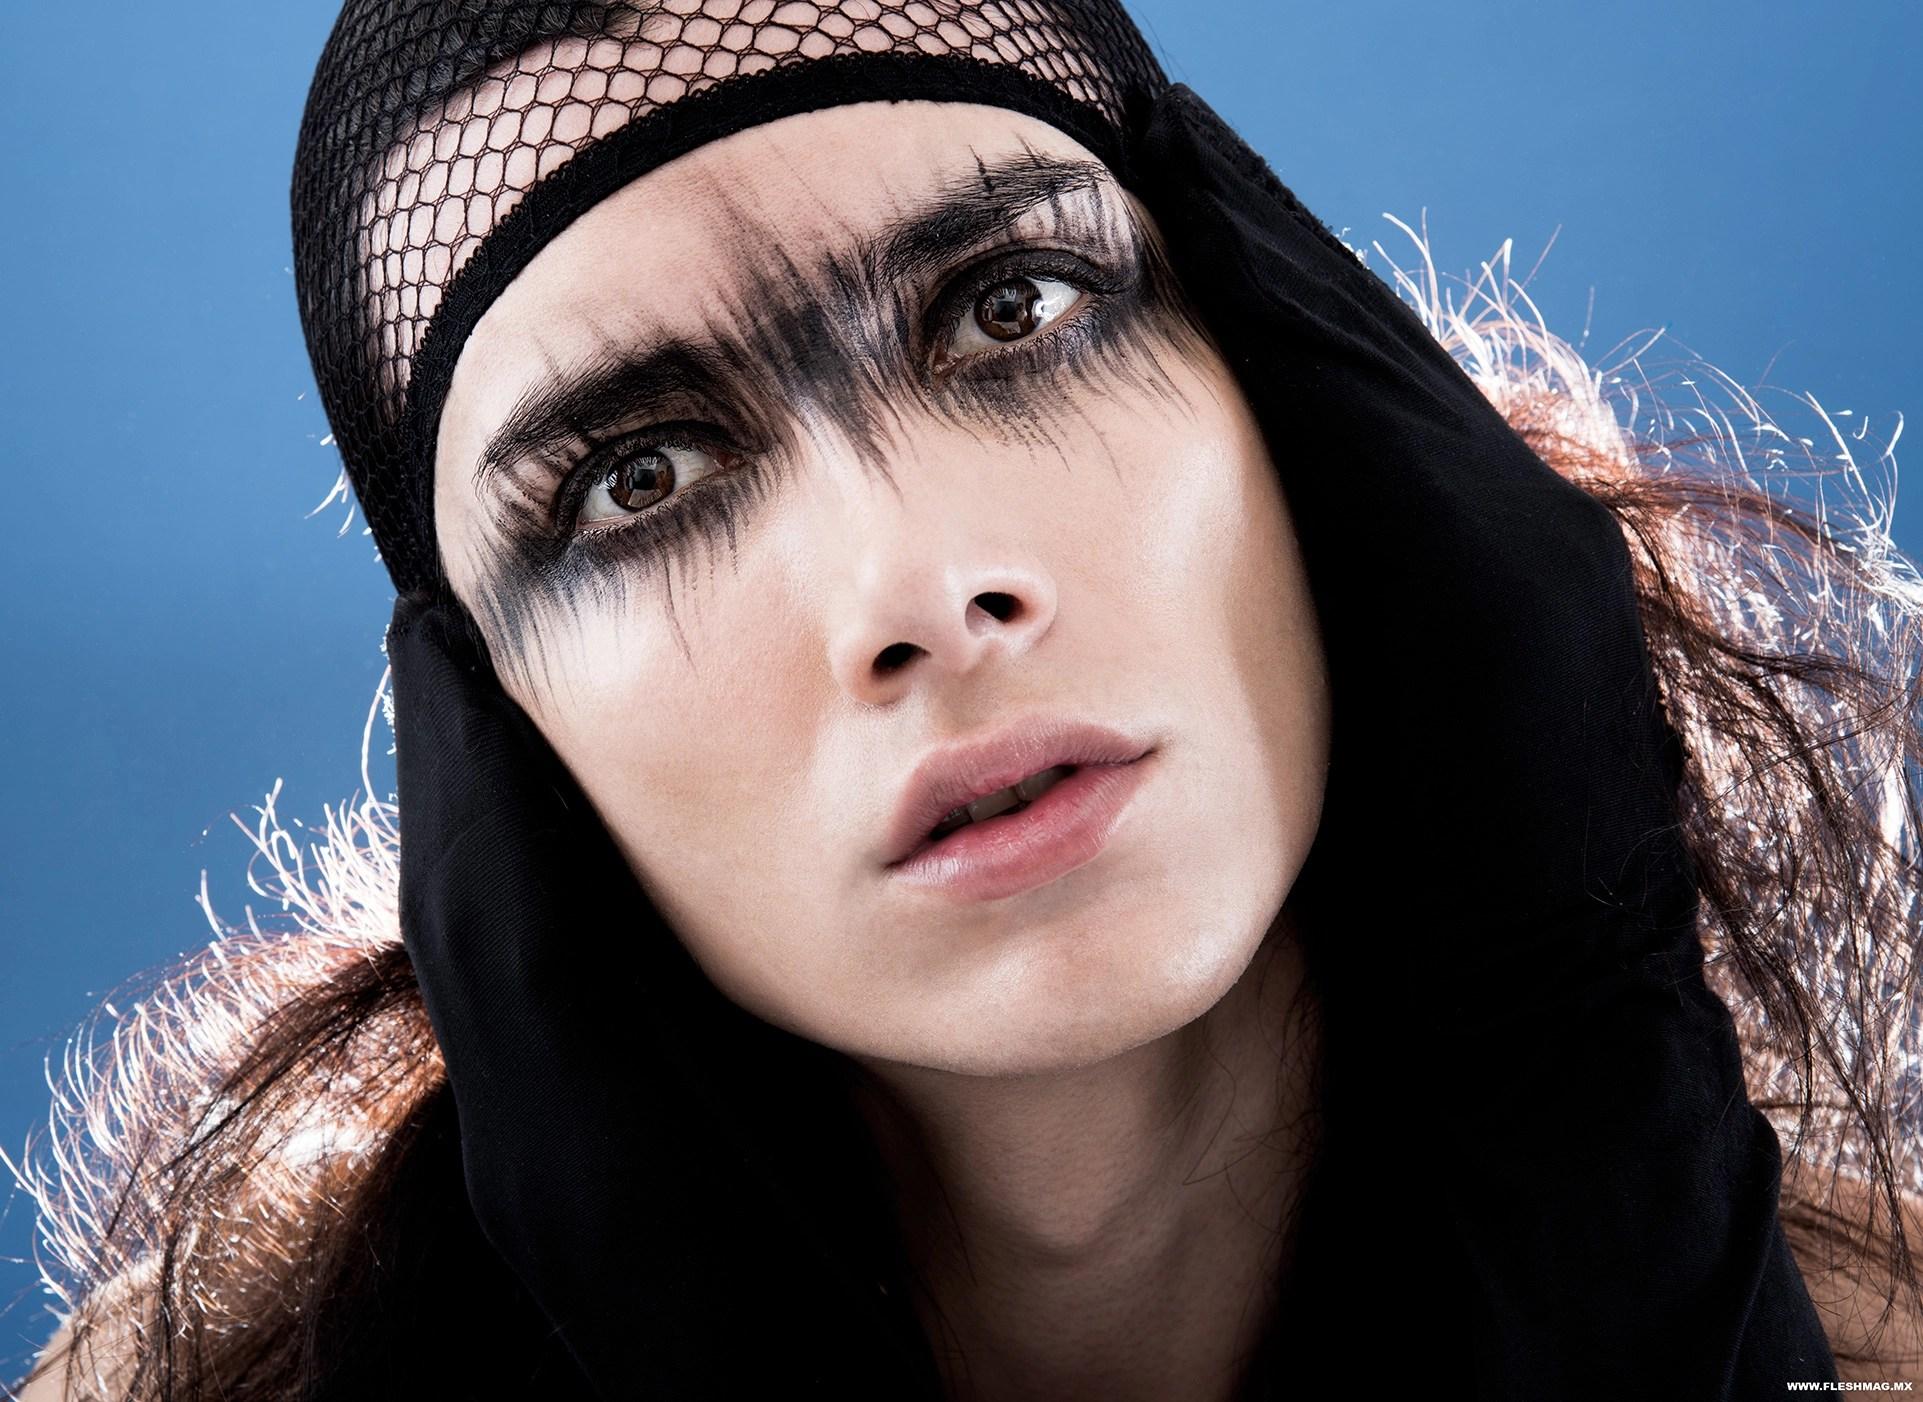 La Belleza según Malafacha PHOTO Karla Ledesma MAKEUP Beatriz Cisneros para Malafacha